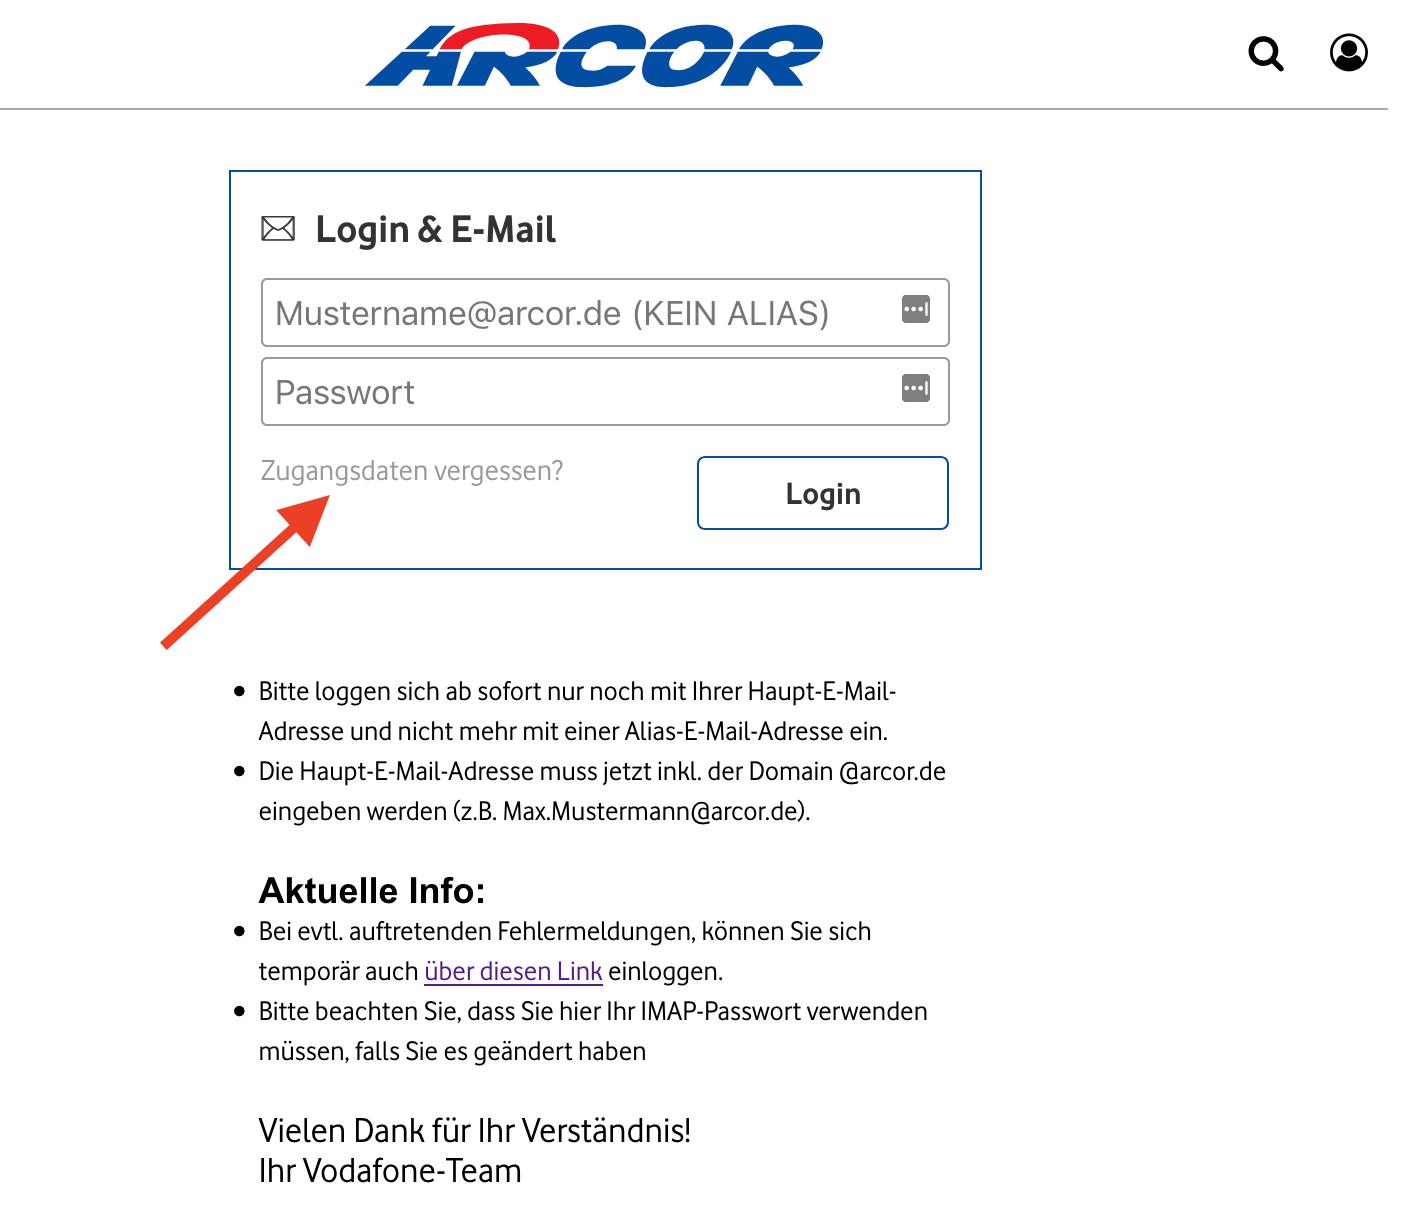 Arcor Login Passwort vergessen